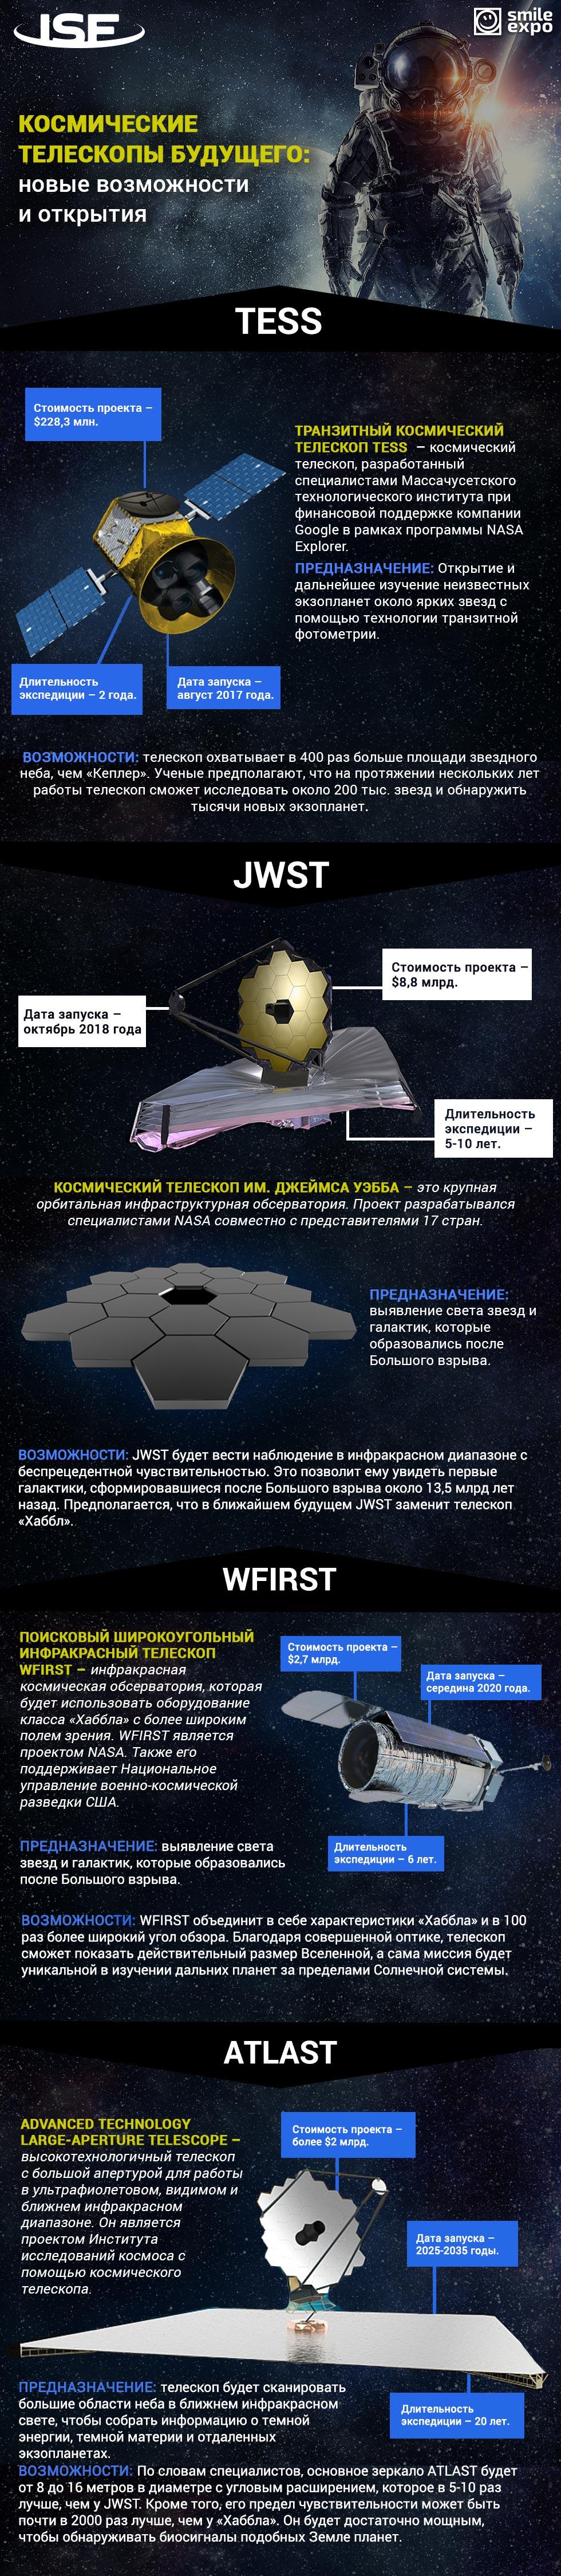 inSpace Forum: Kosmicheskie teleskopyi buduschego: novyie vozmozhnosti i otkryitiya - 1